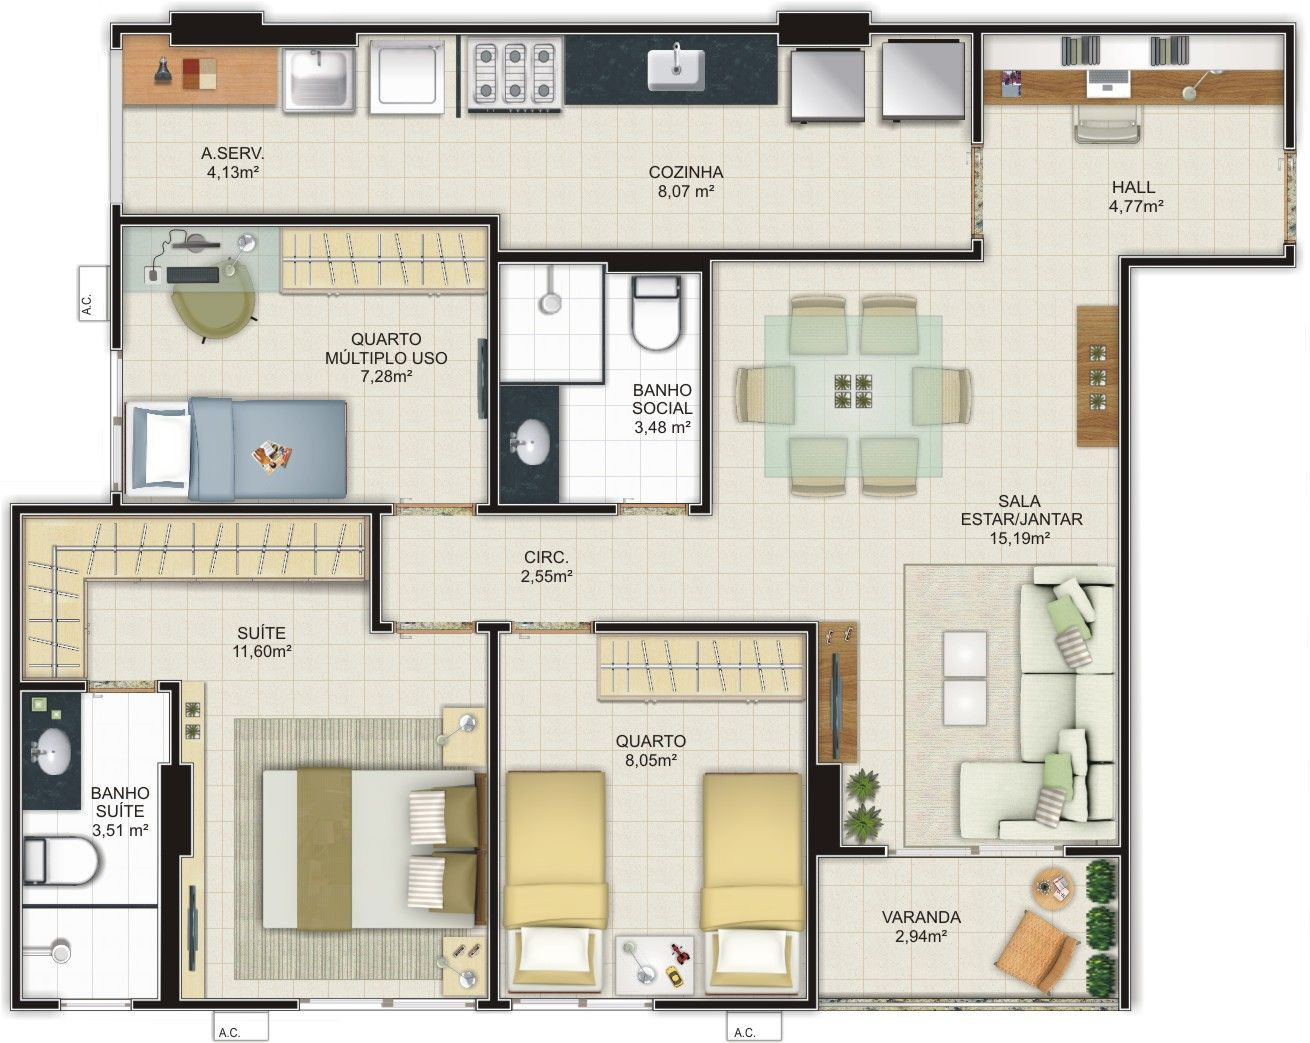 planos de casas pequenas bonitas